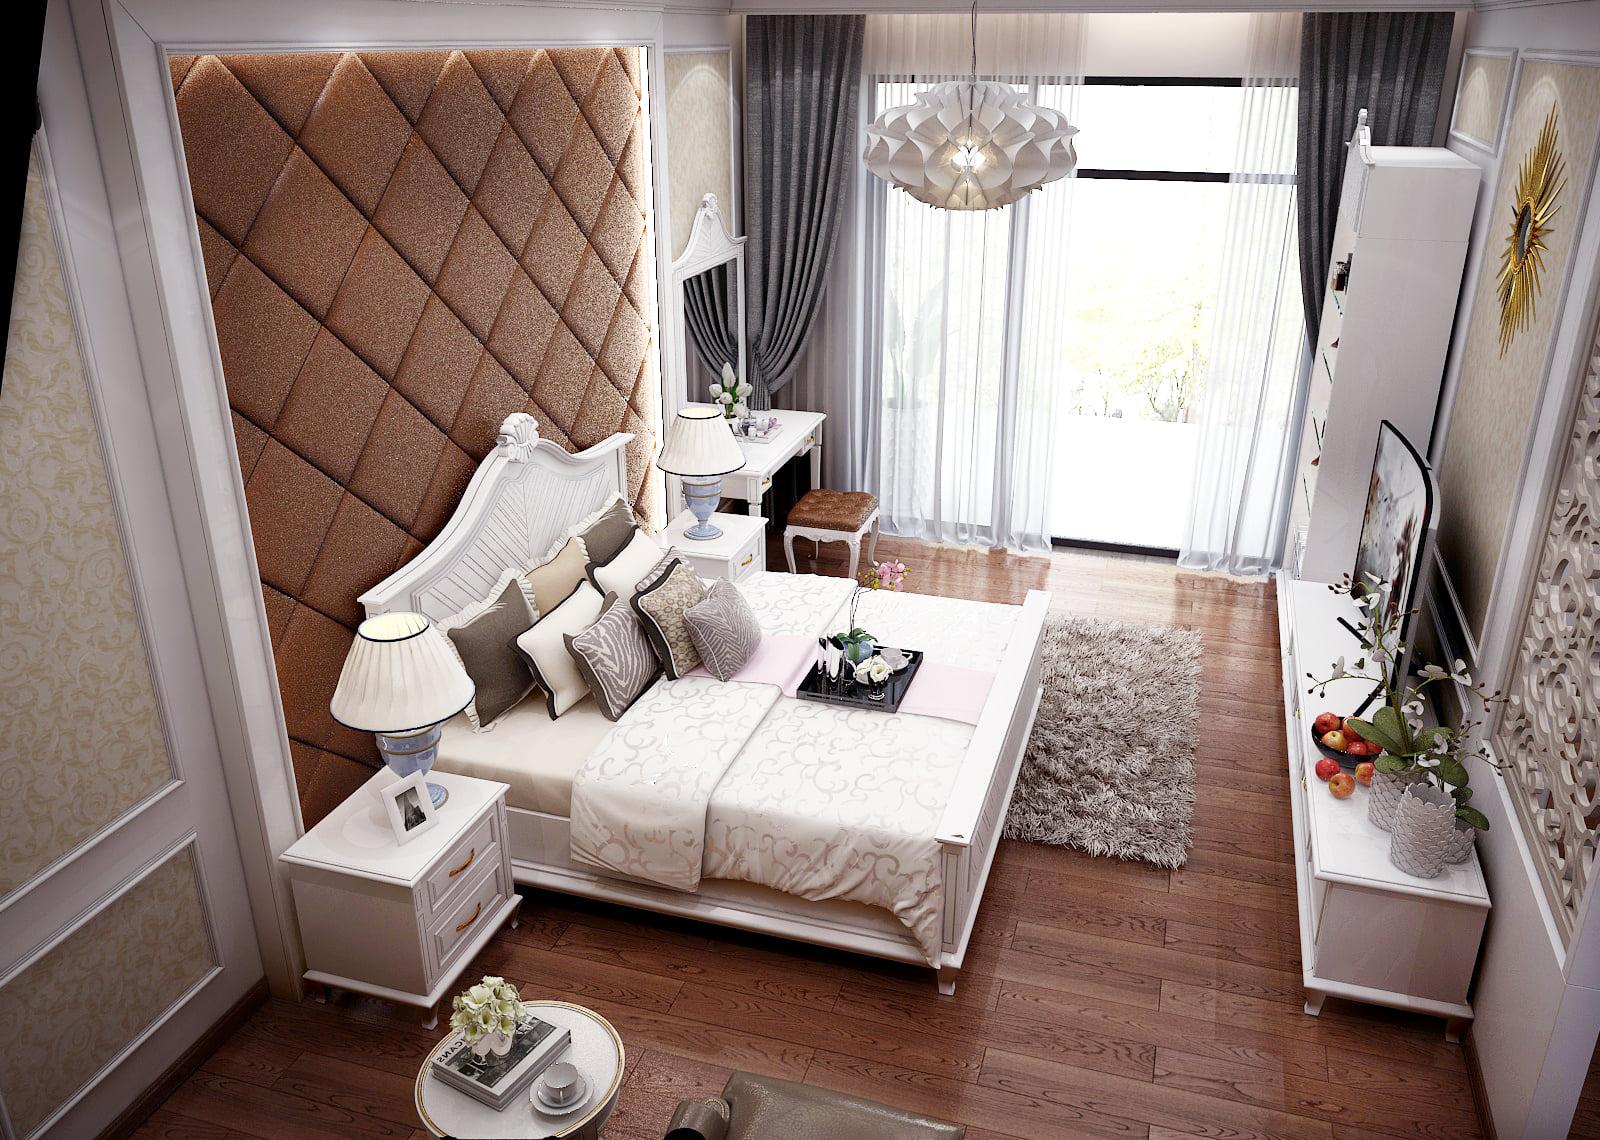 Mẫu thiết kế nội thất chung cư 65m2 2 phòng ngủ đẹp ngất ngây